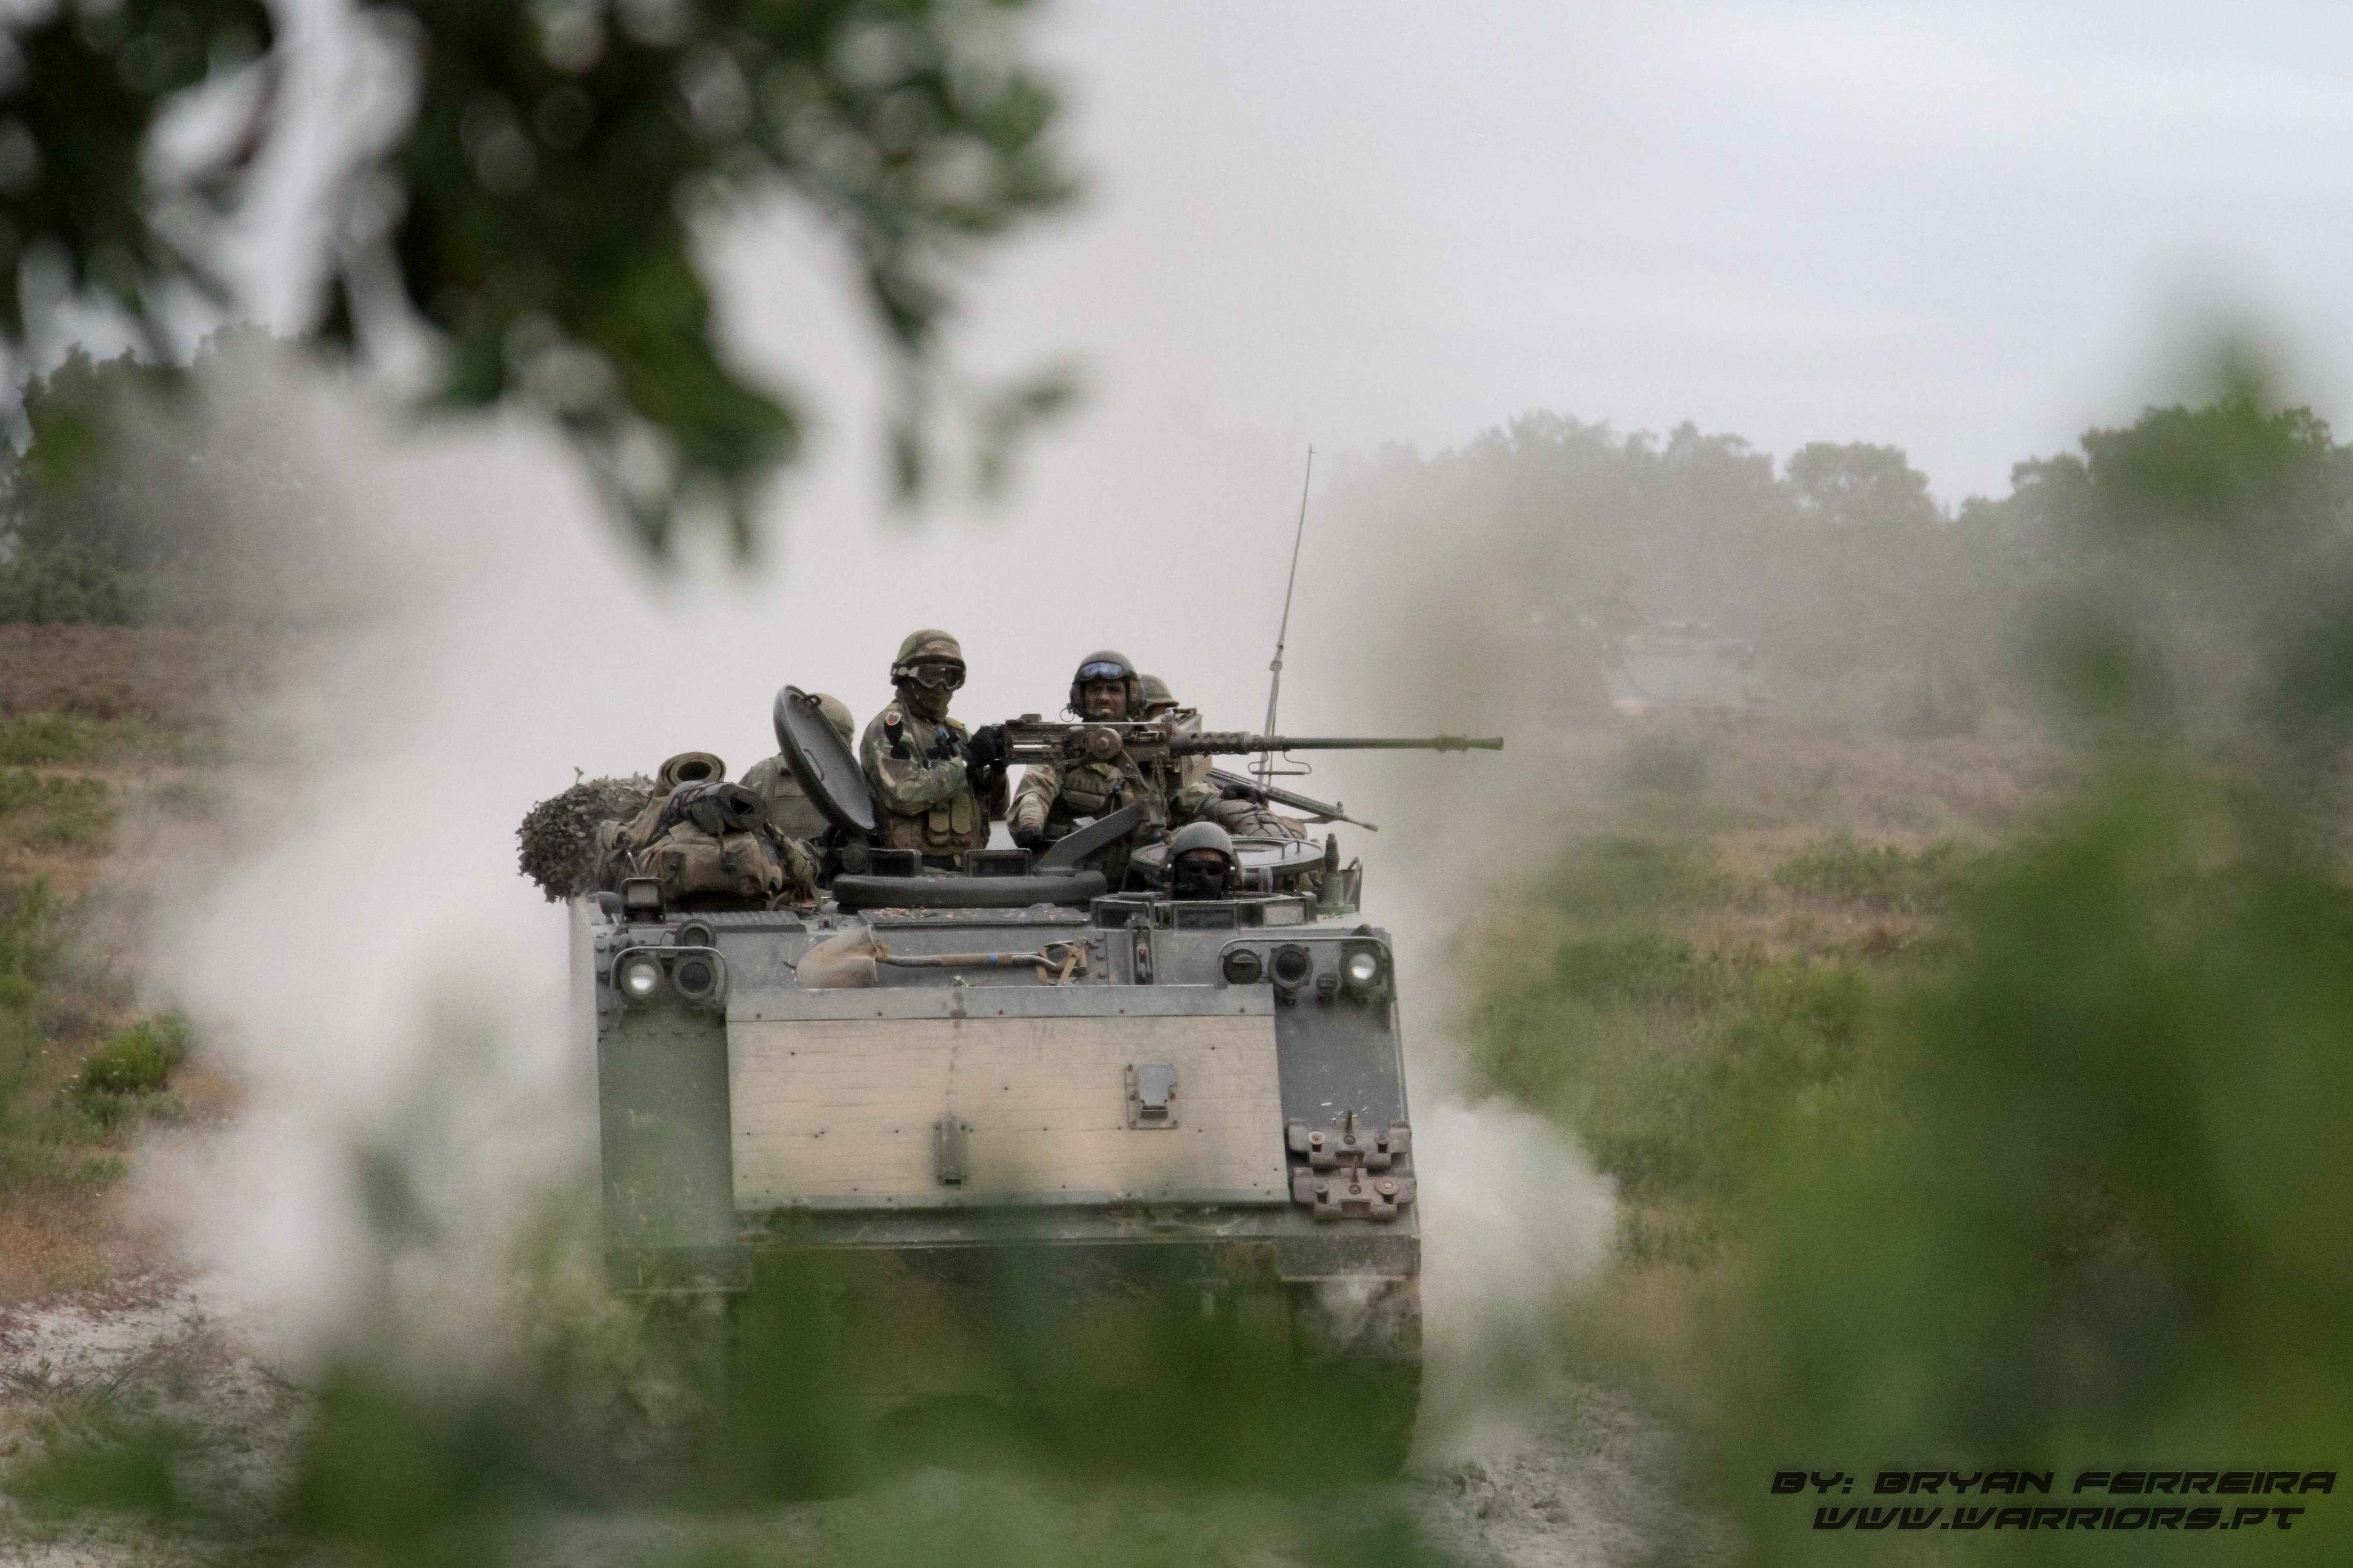 Veiculo M113 do Batalhao de Infantaria Mecanizada